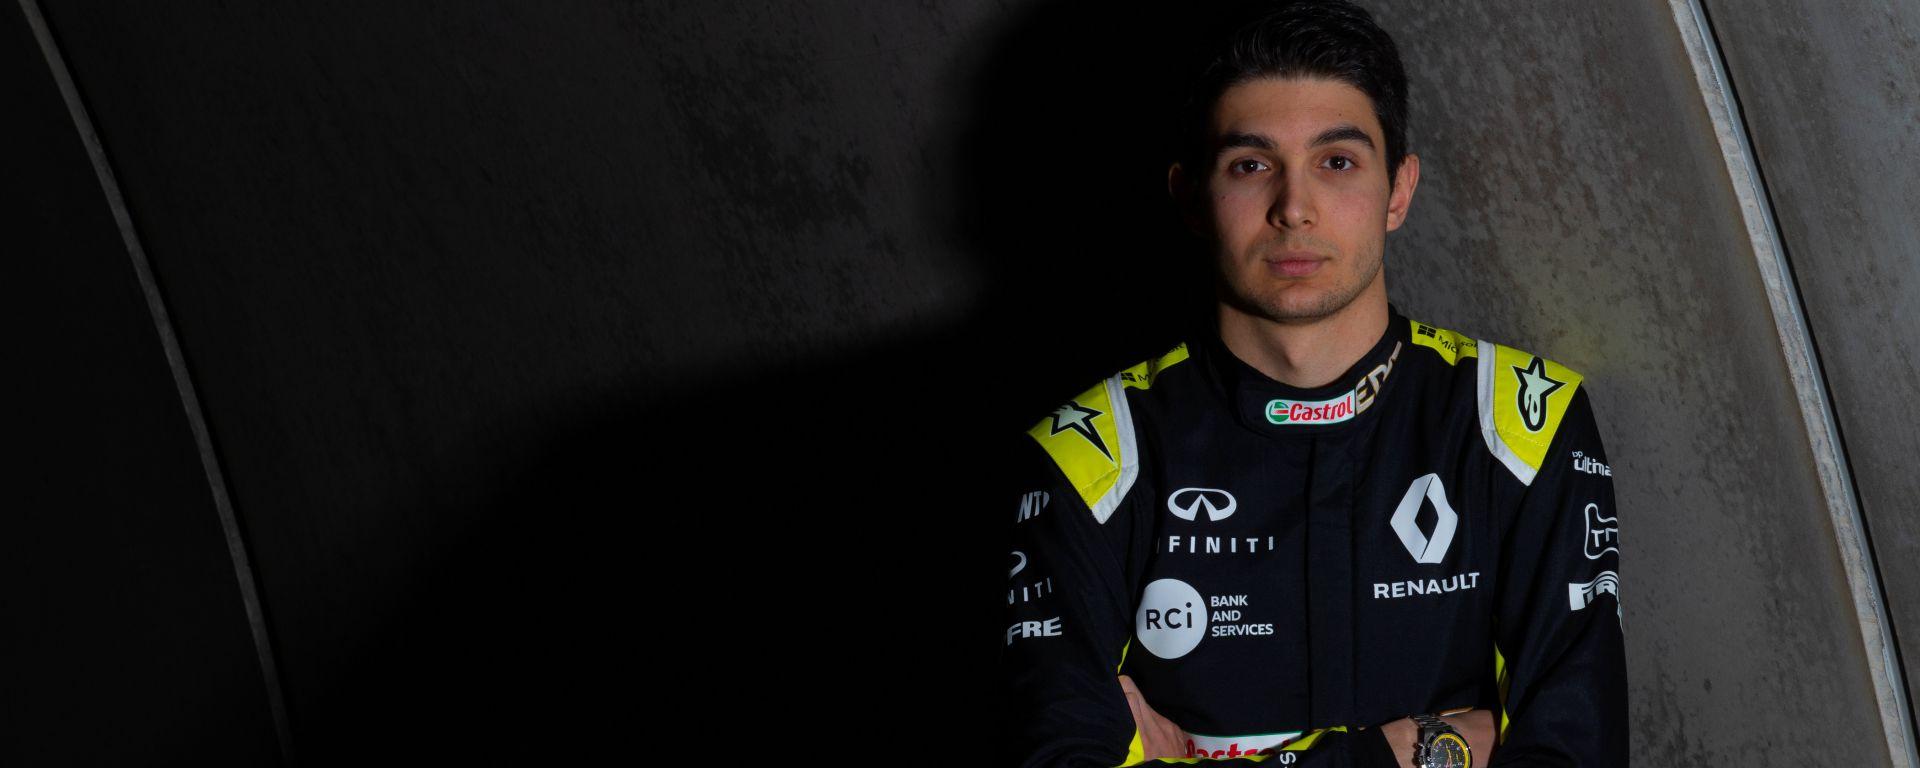 Presentazione Renault F1 2020: Esteban Ocon